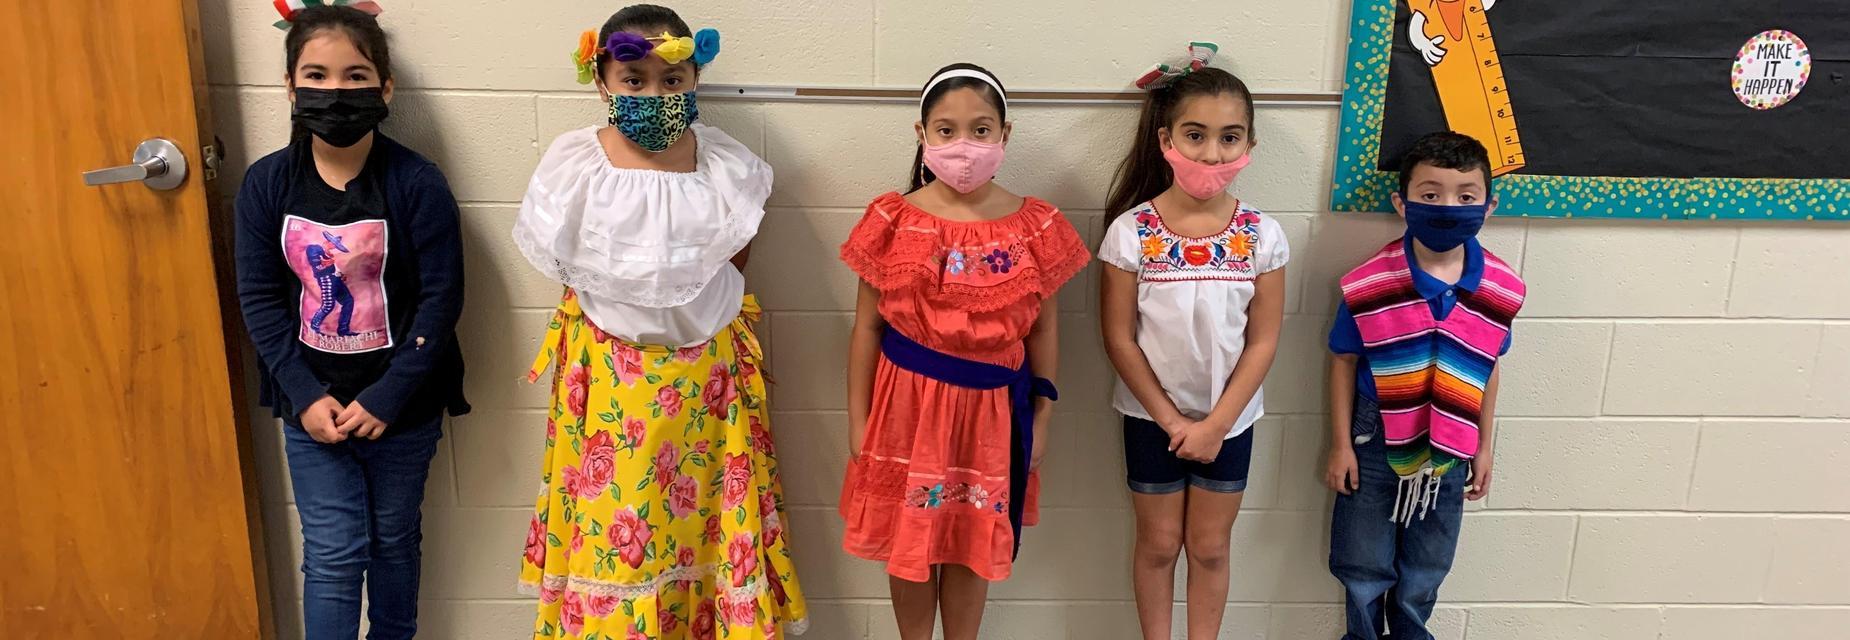 16 de septiembre second graders